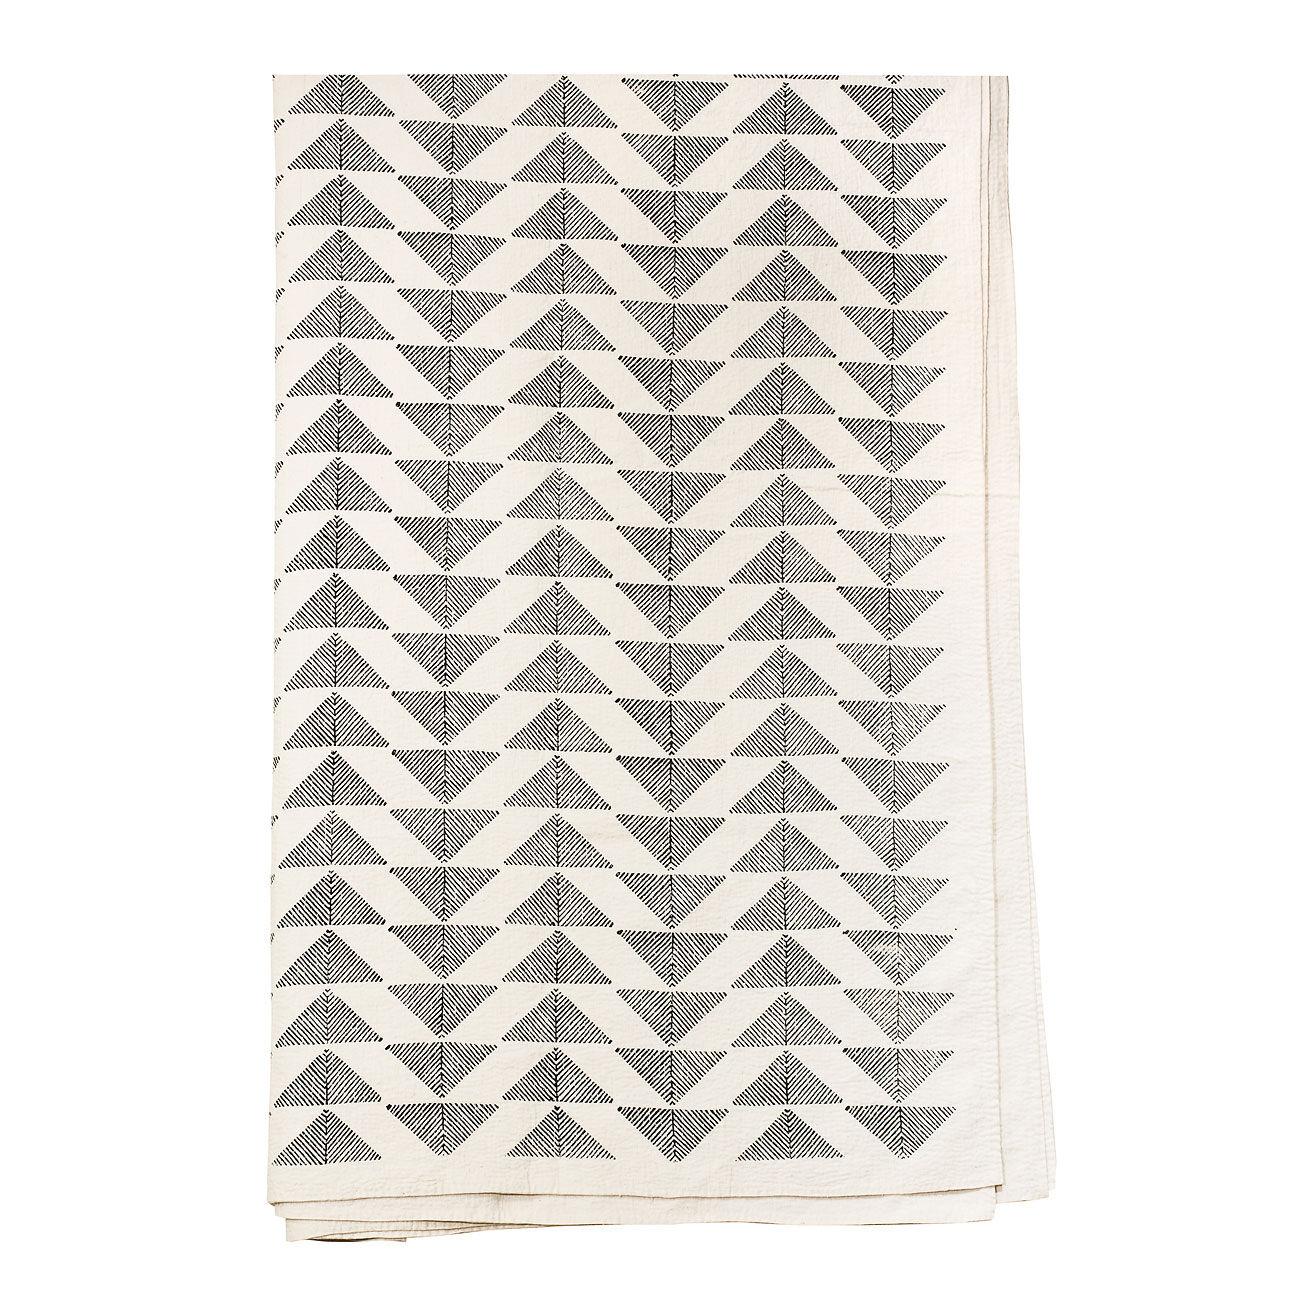 Afroart Pyramid Päiväpeitto 250x270cm, Musta/Valkoinen